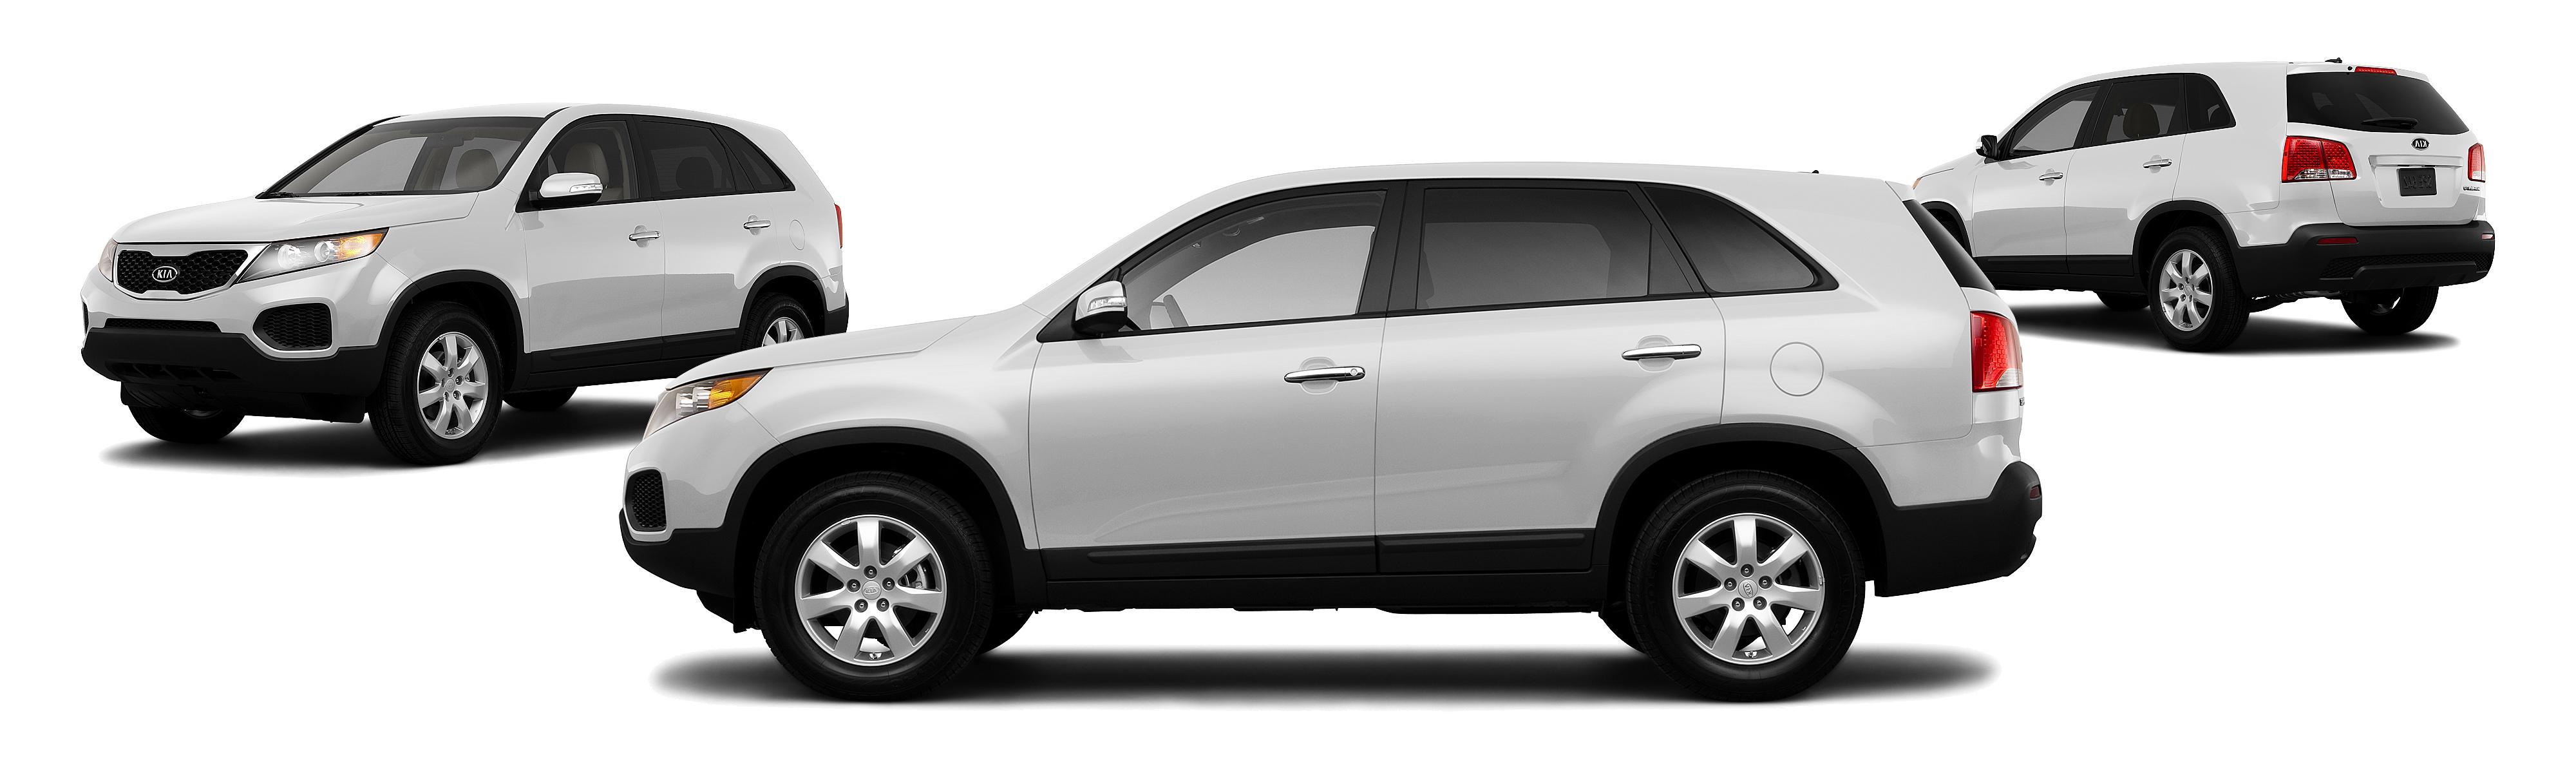 qatar information sorento living kia title img v vehicles white